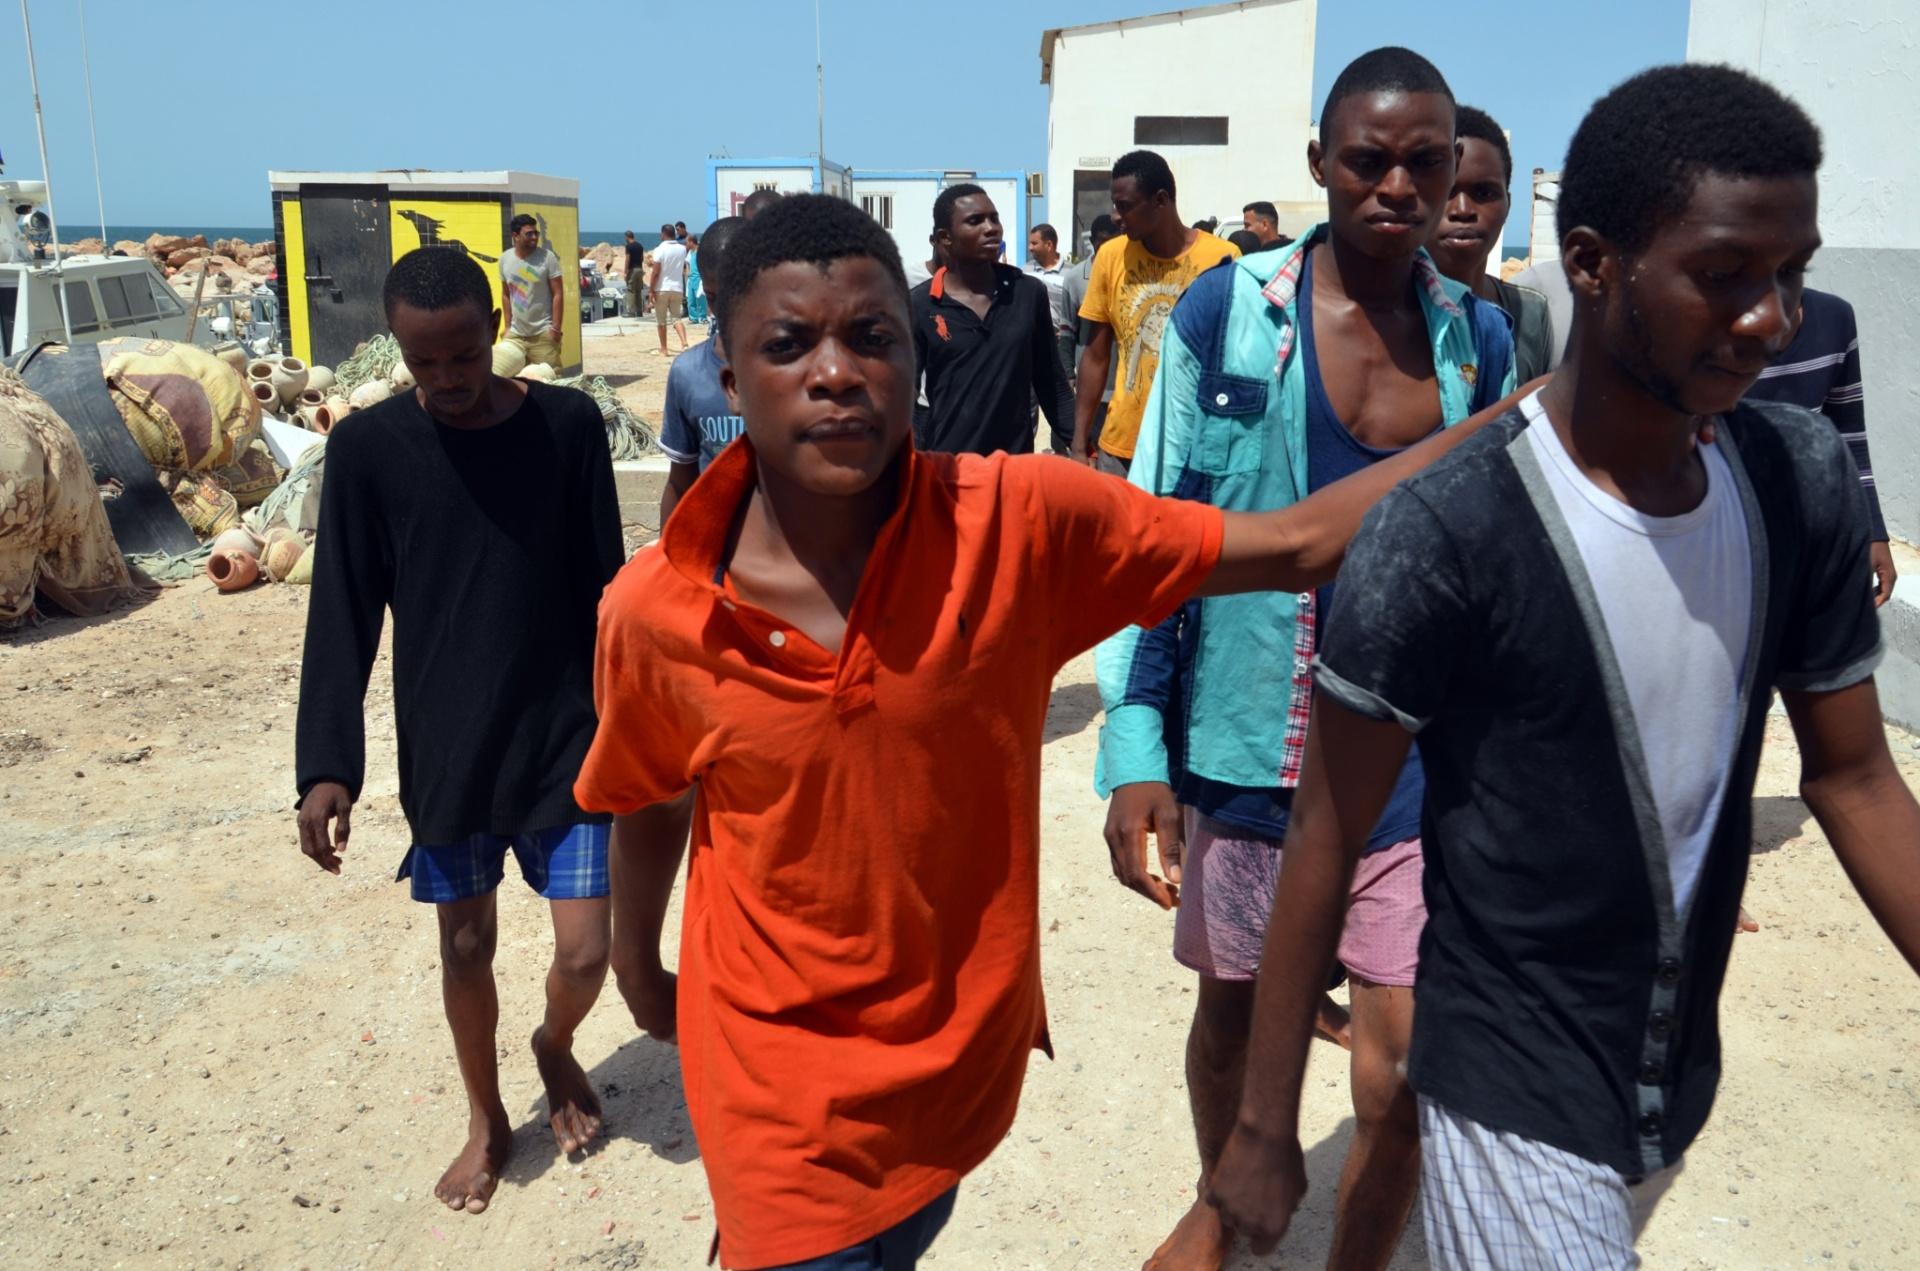 23.ago.2015 - Imigrantes chegam ao porto de el-Kitif, na cidade tunisiana de Ben Guerdane (Ben Gardane), depois de terem sido resgatados pela guarda-costeira local. Ao menos 125 pessoas foram resgatadas depois do naufrágio dos botes que as levariam à Itália